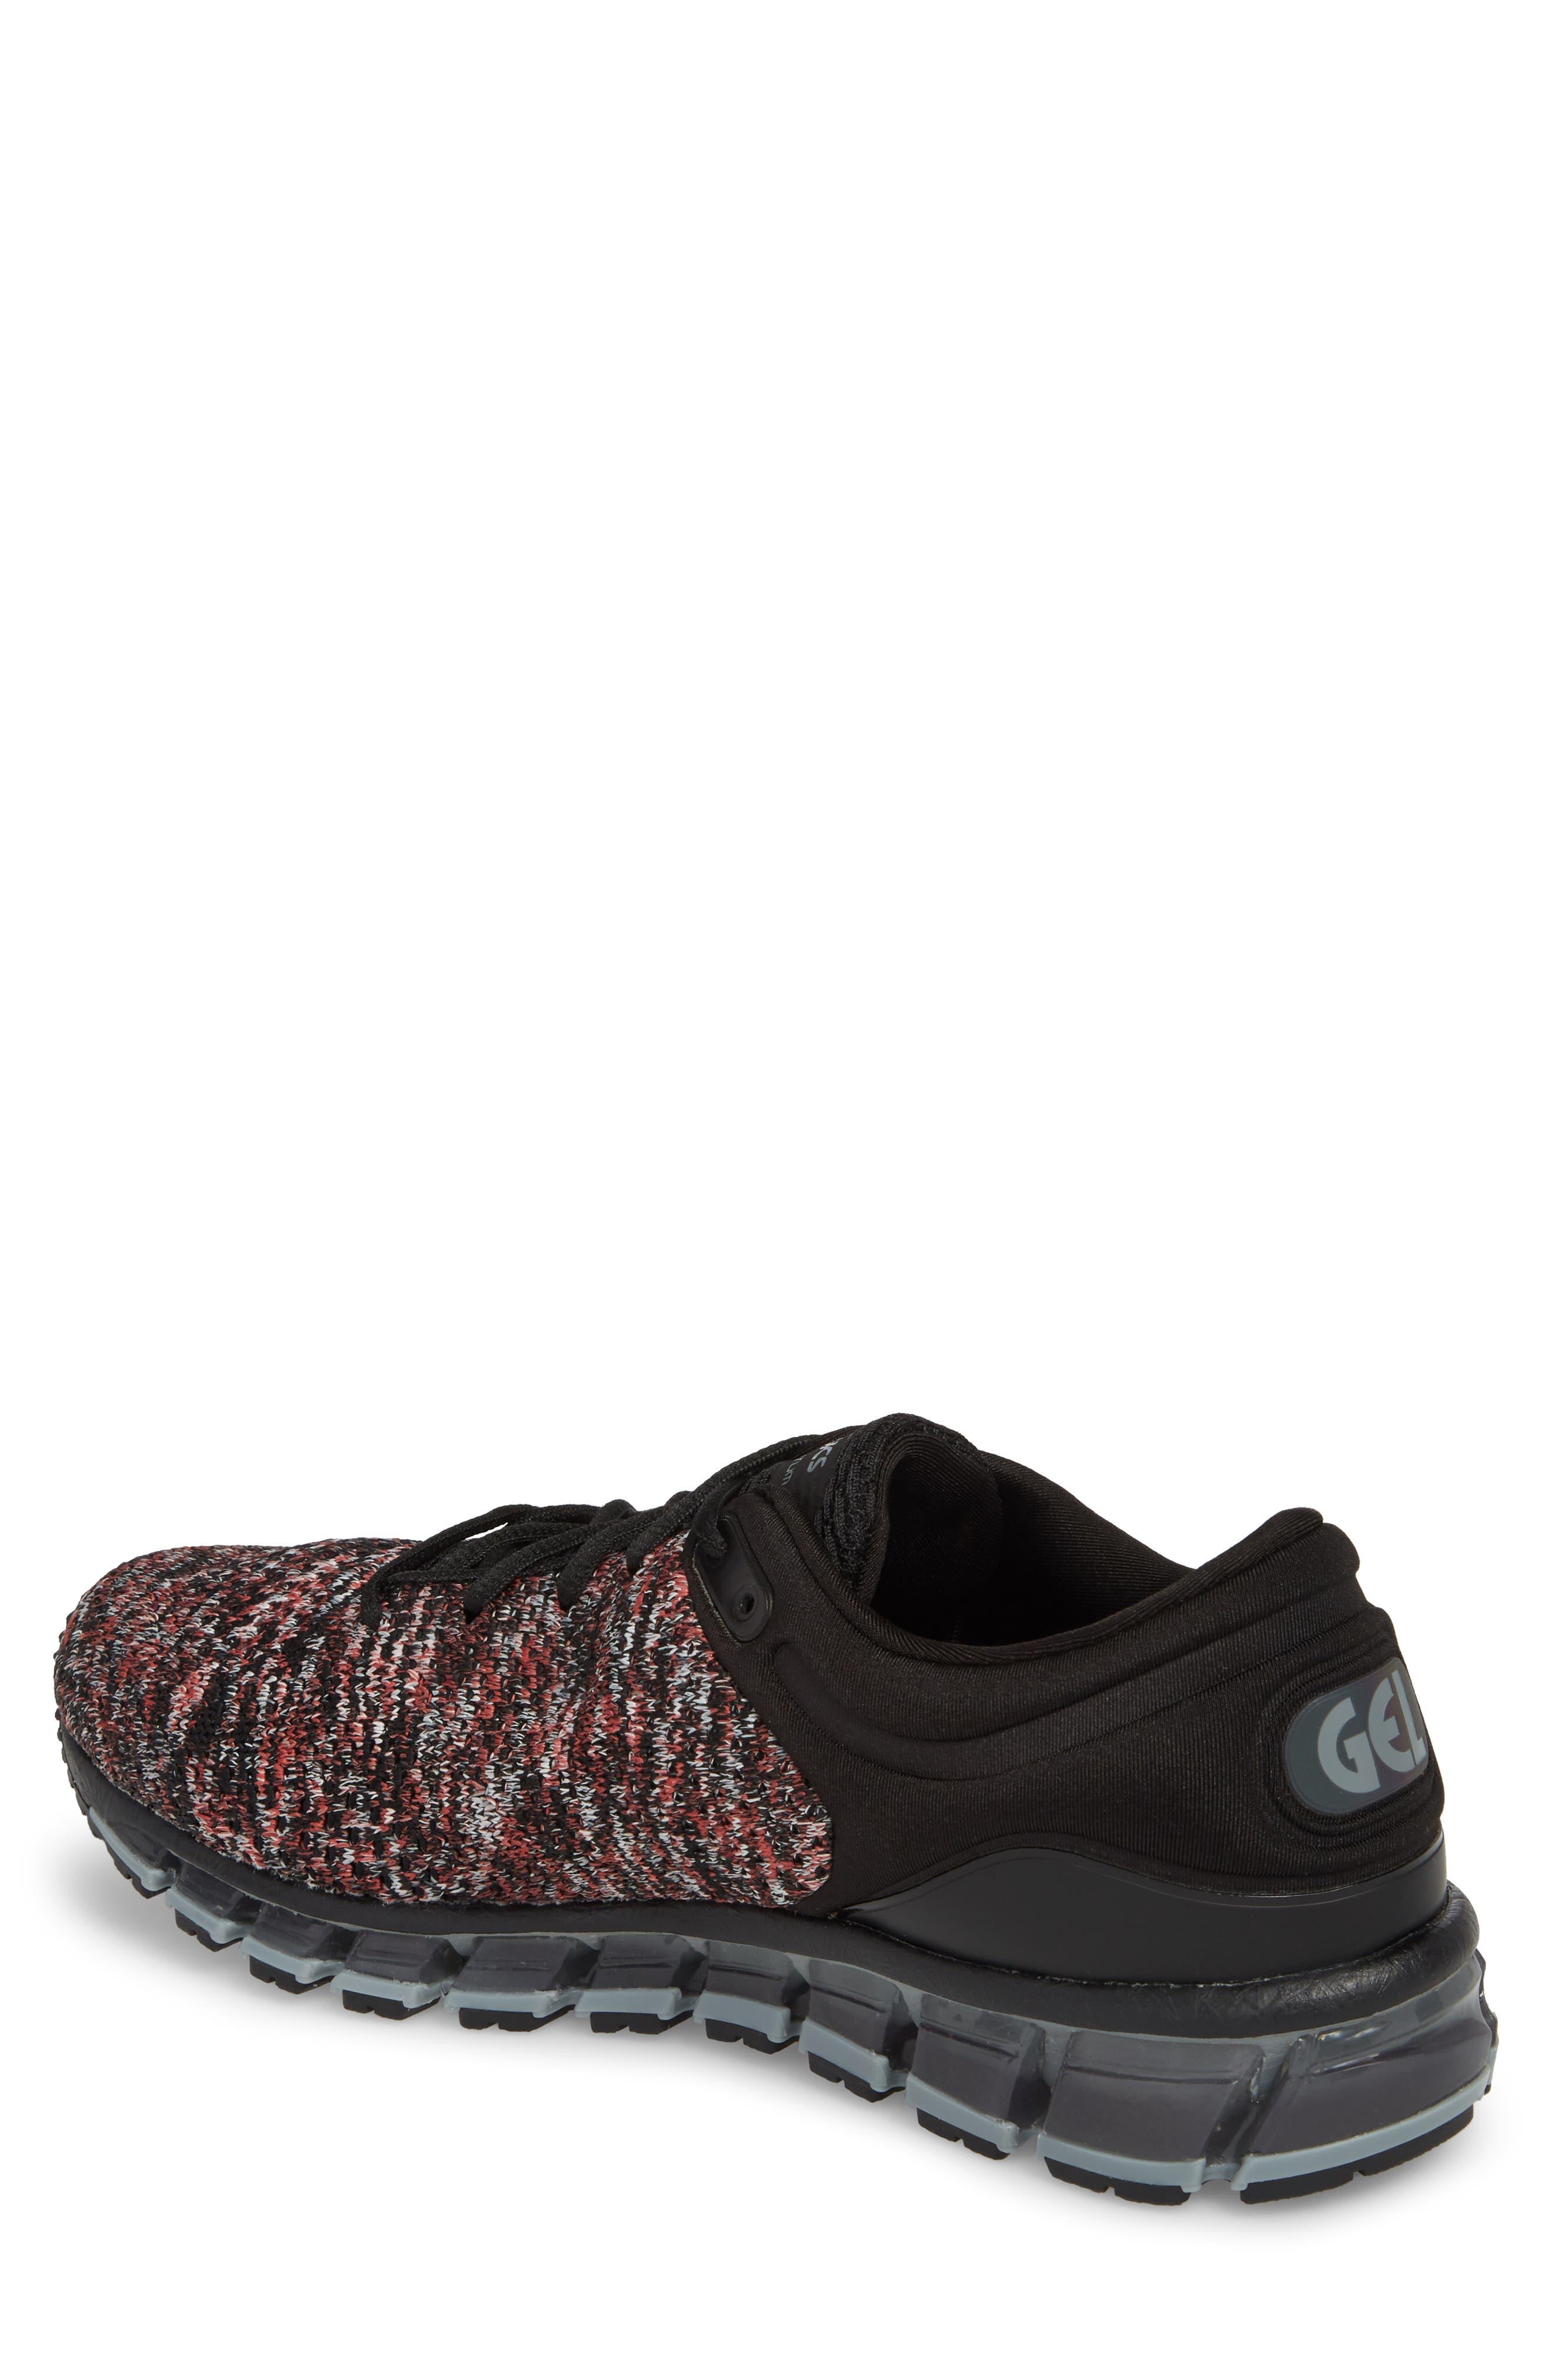 Alternate Image 2  - ASICS® GEL-Quantum 360 Running Shoe (Men)